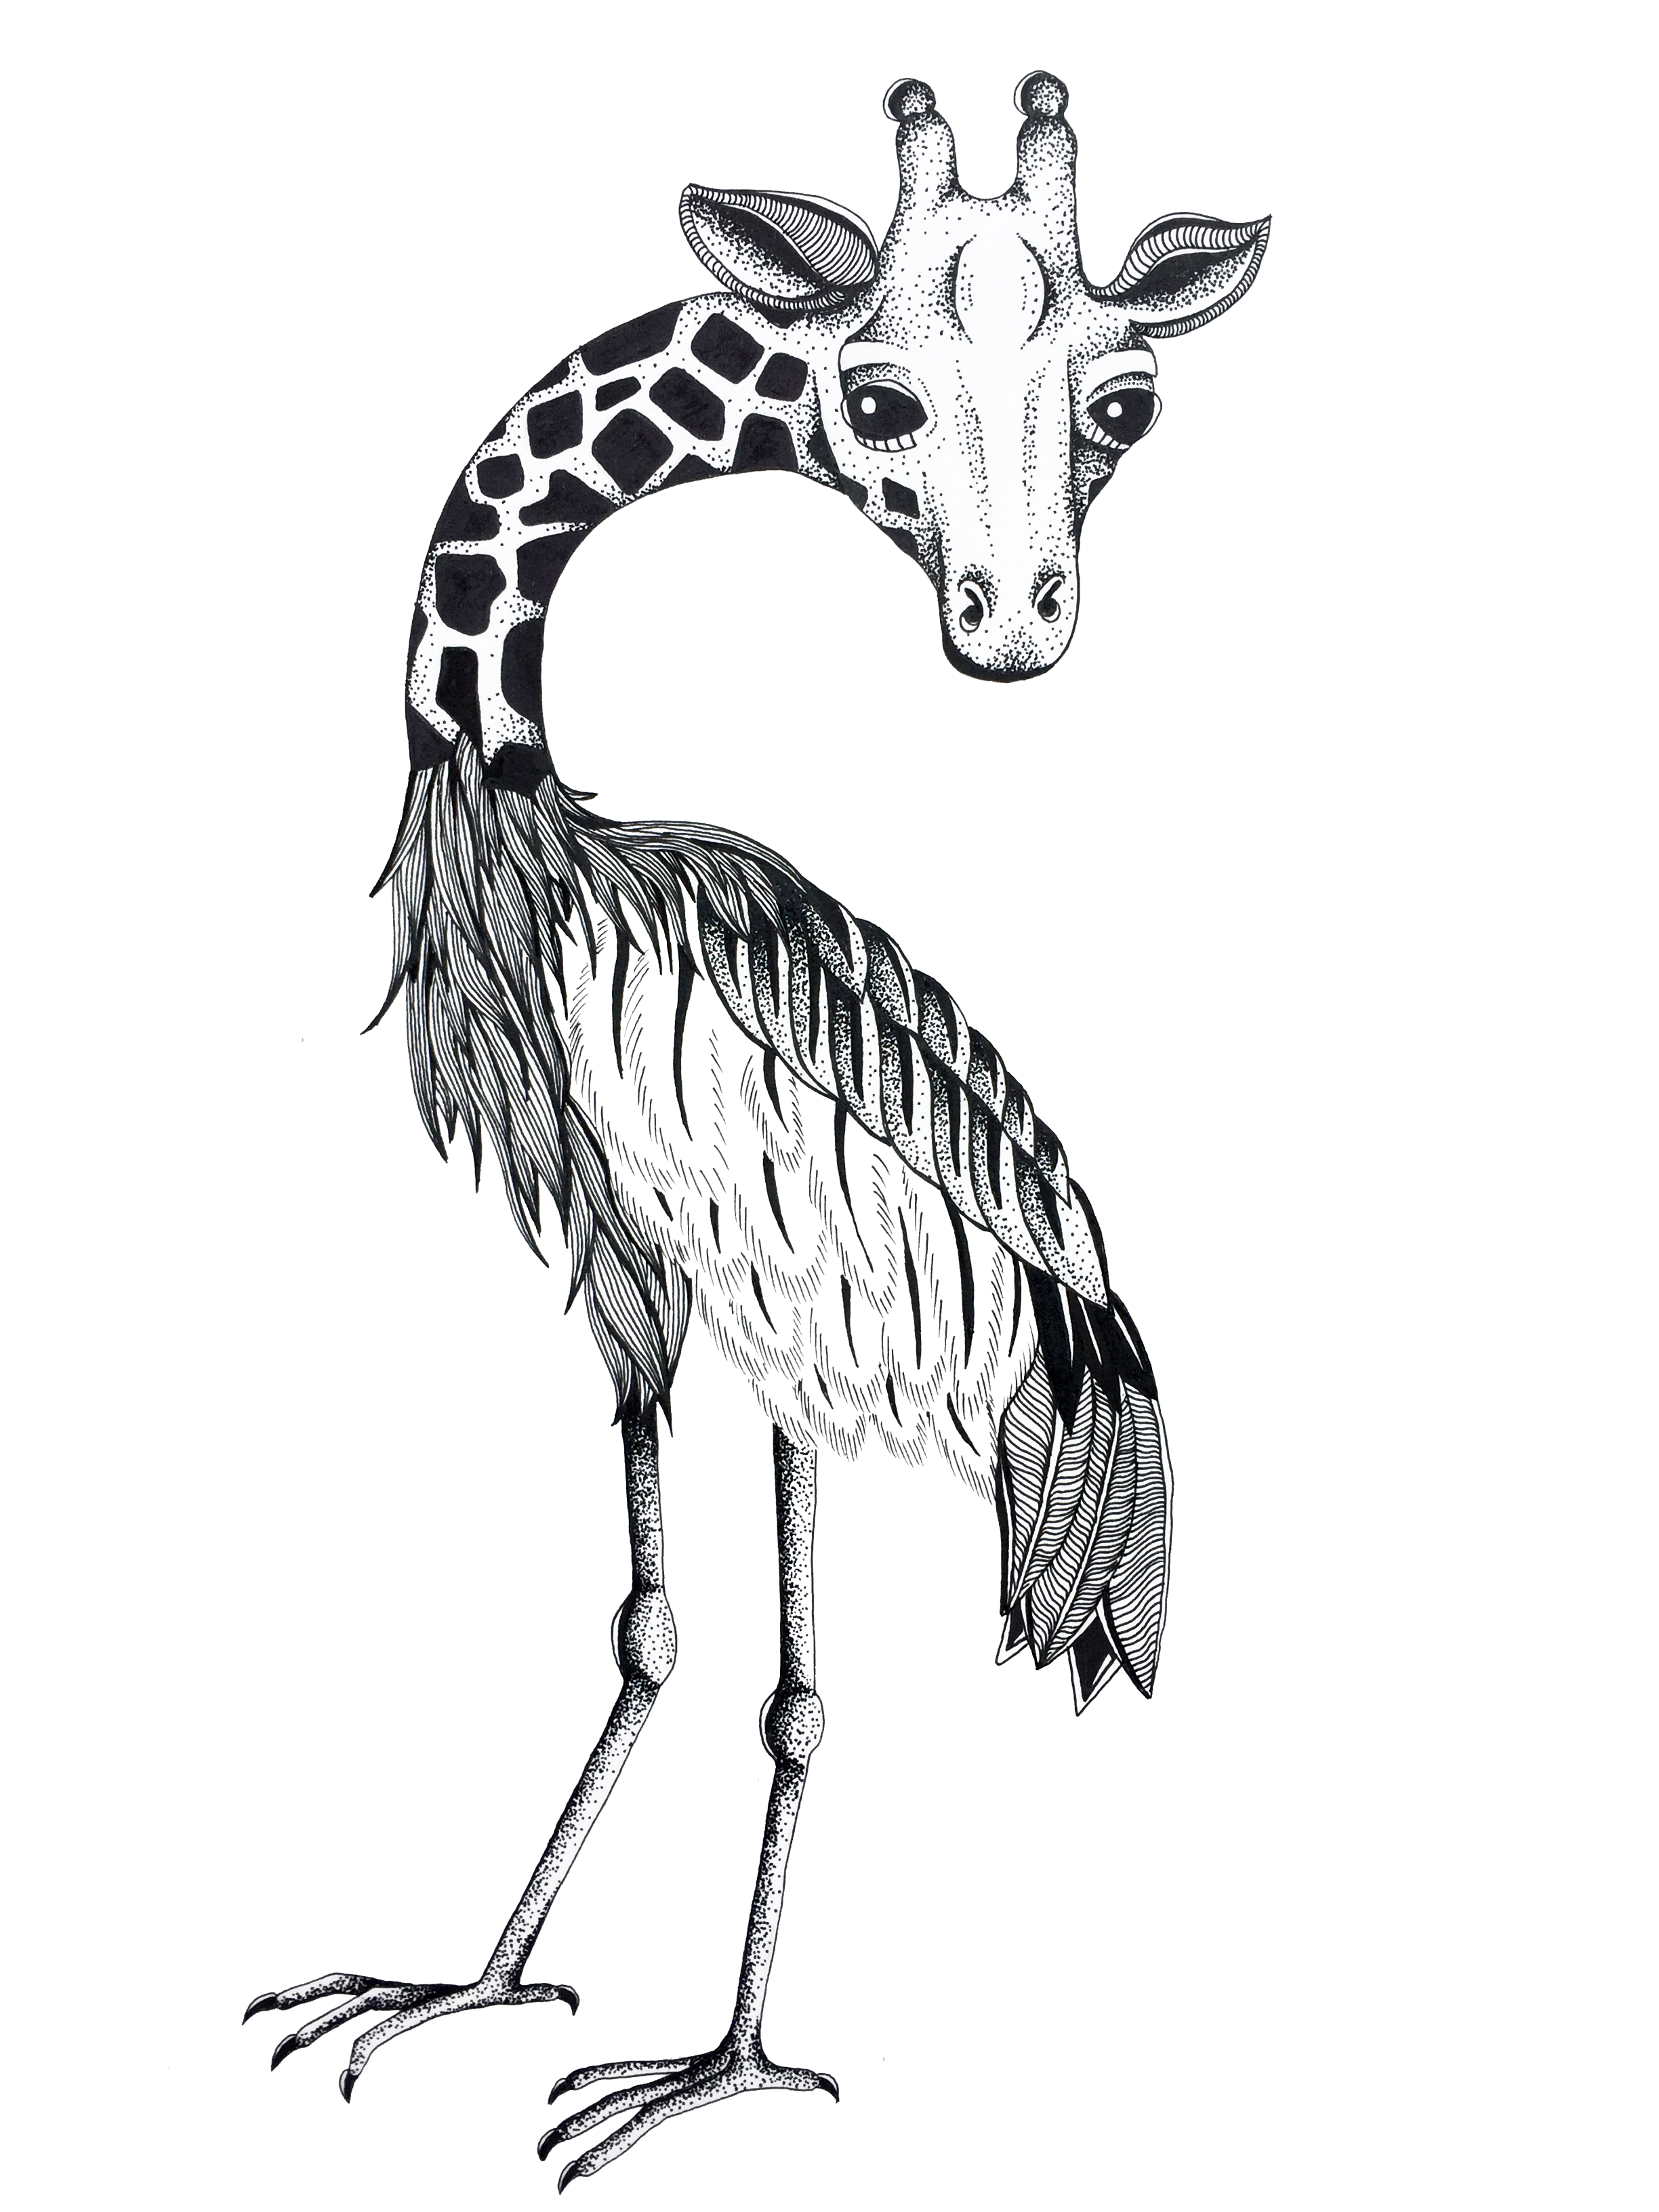 Crane_Giraffe